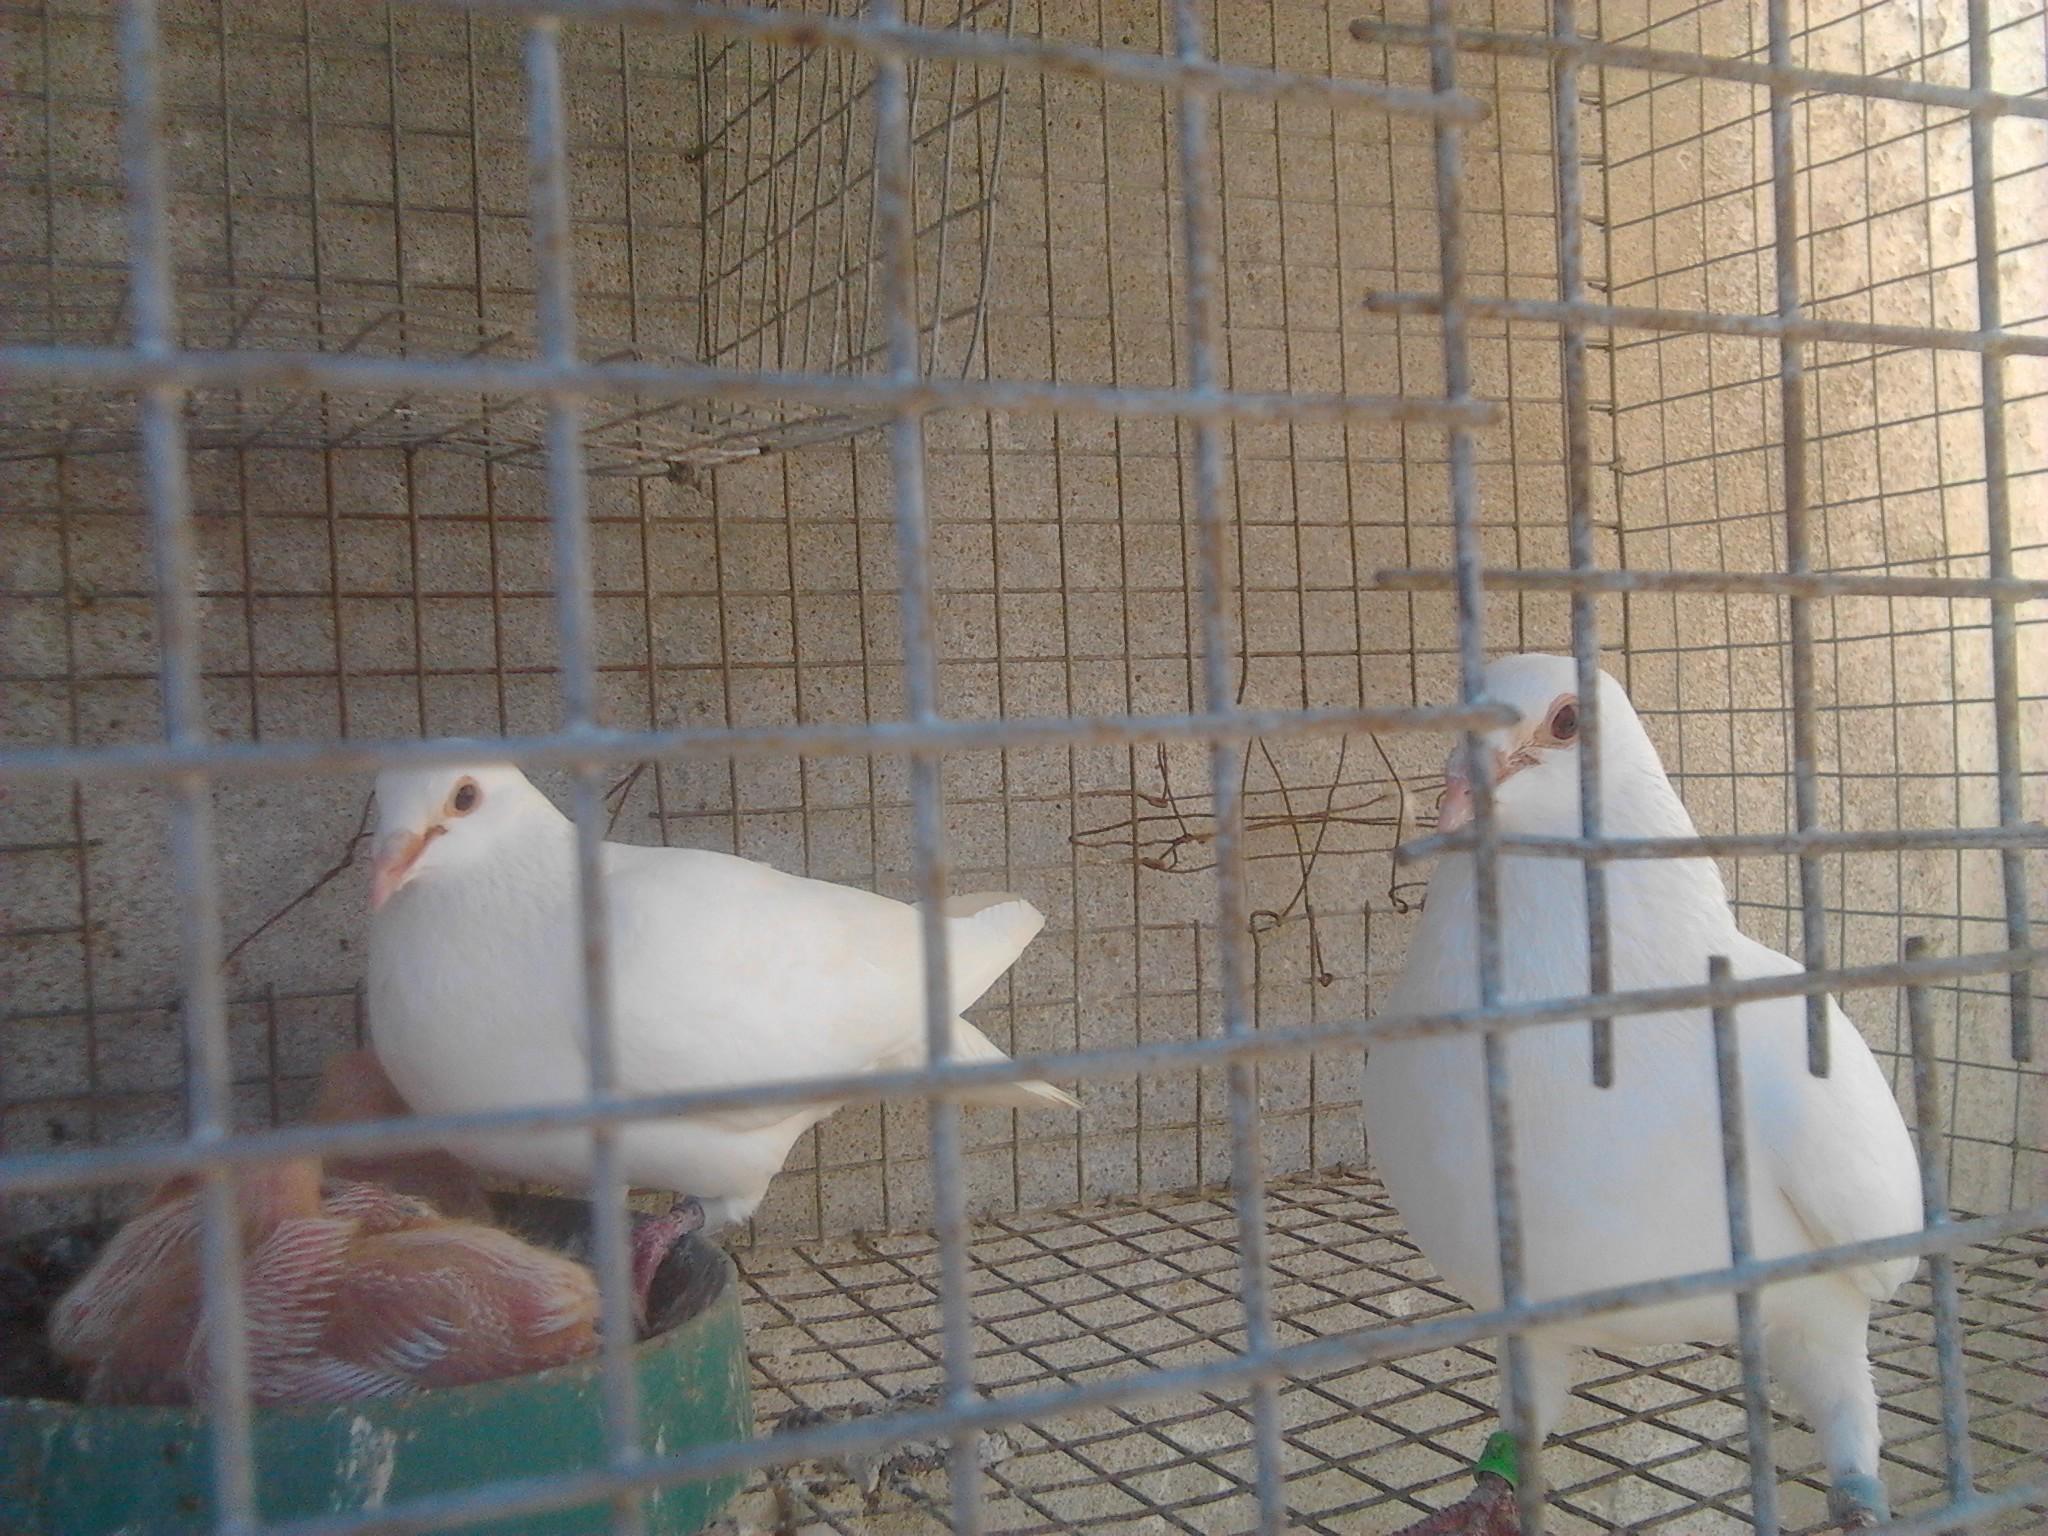 白色信鸽沙眼图片 什么是灰鸽子